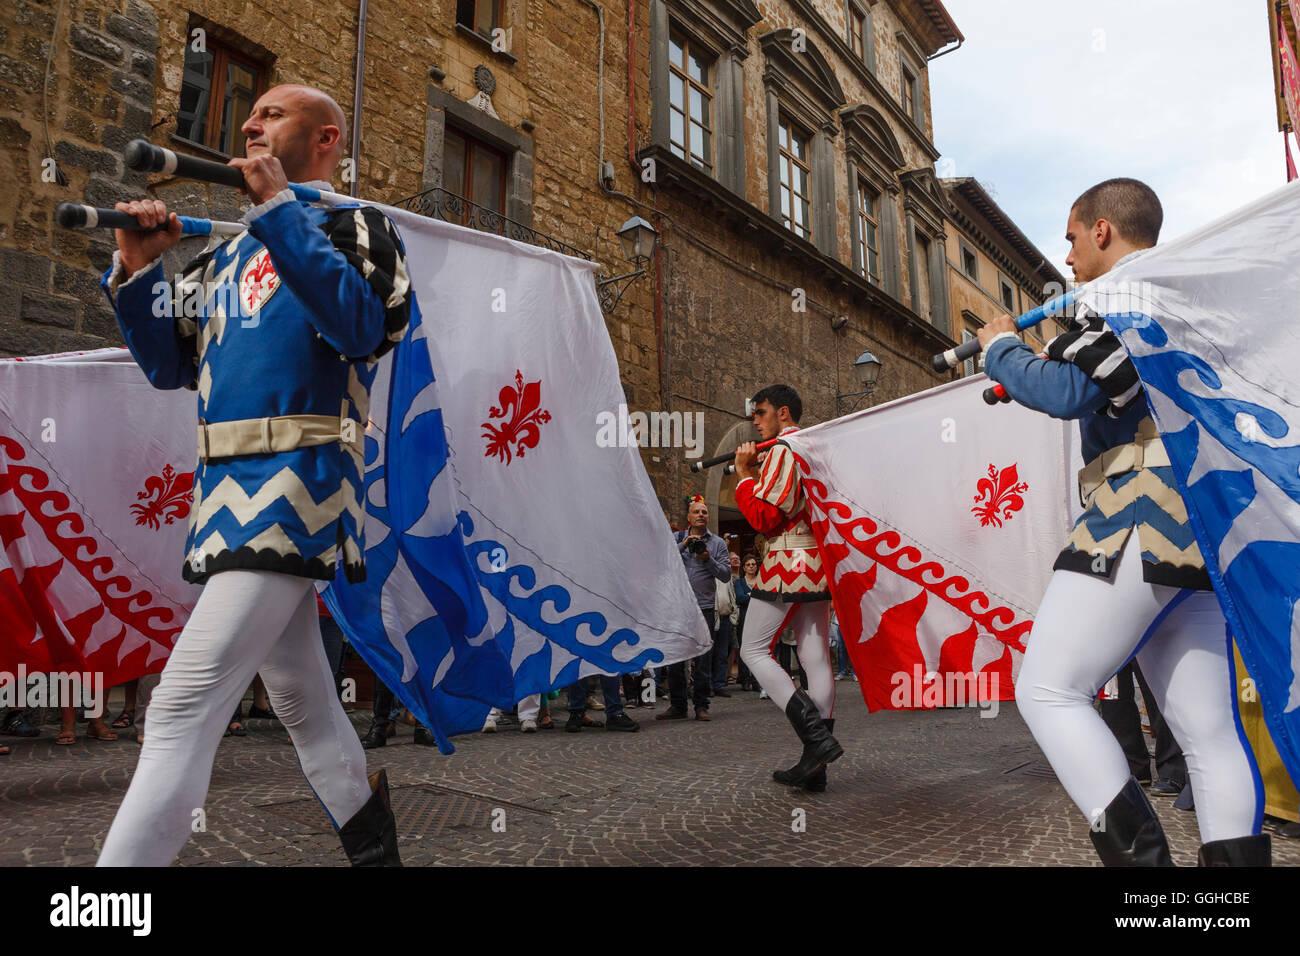 Flag Bearers Stock Photos & Flag Bearers Stock Images - Alamy